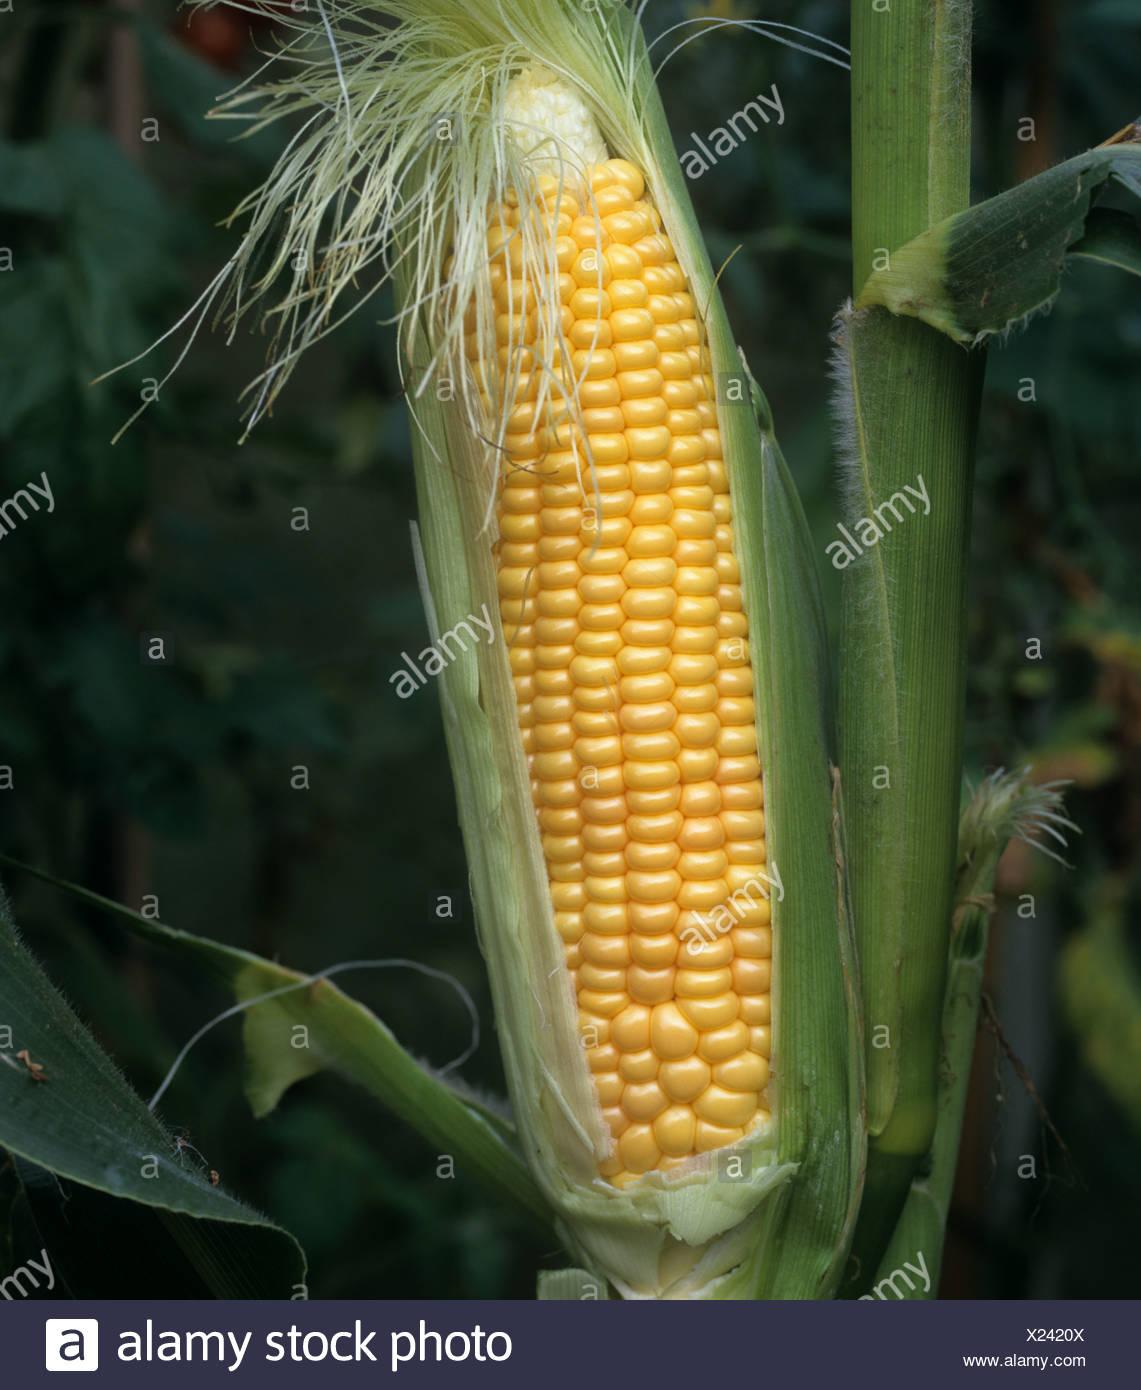 Maïs doux mature exposée s/n Photo Stock